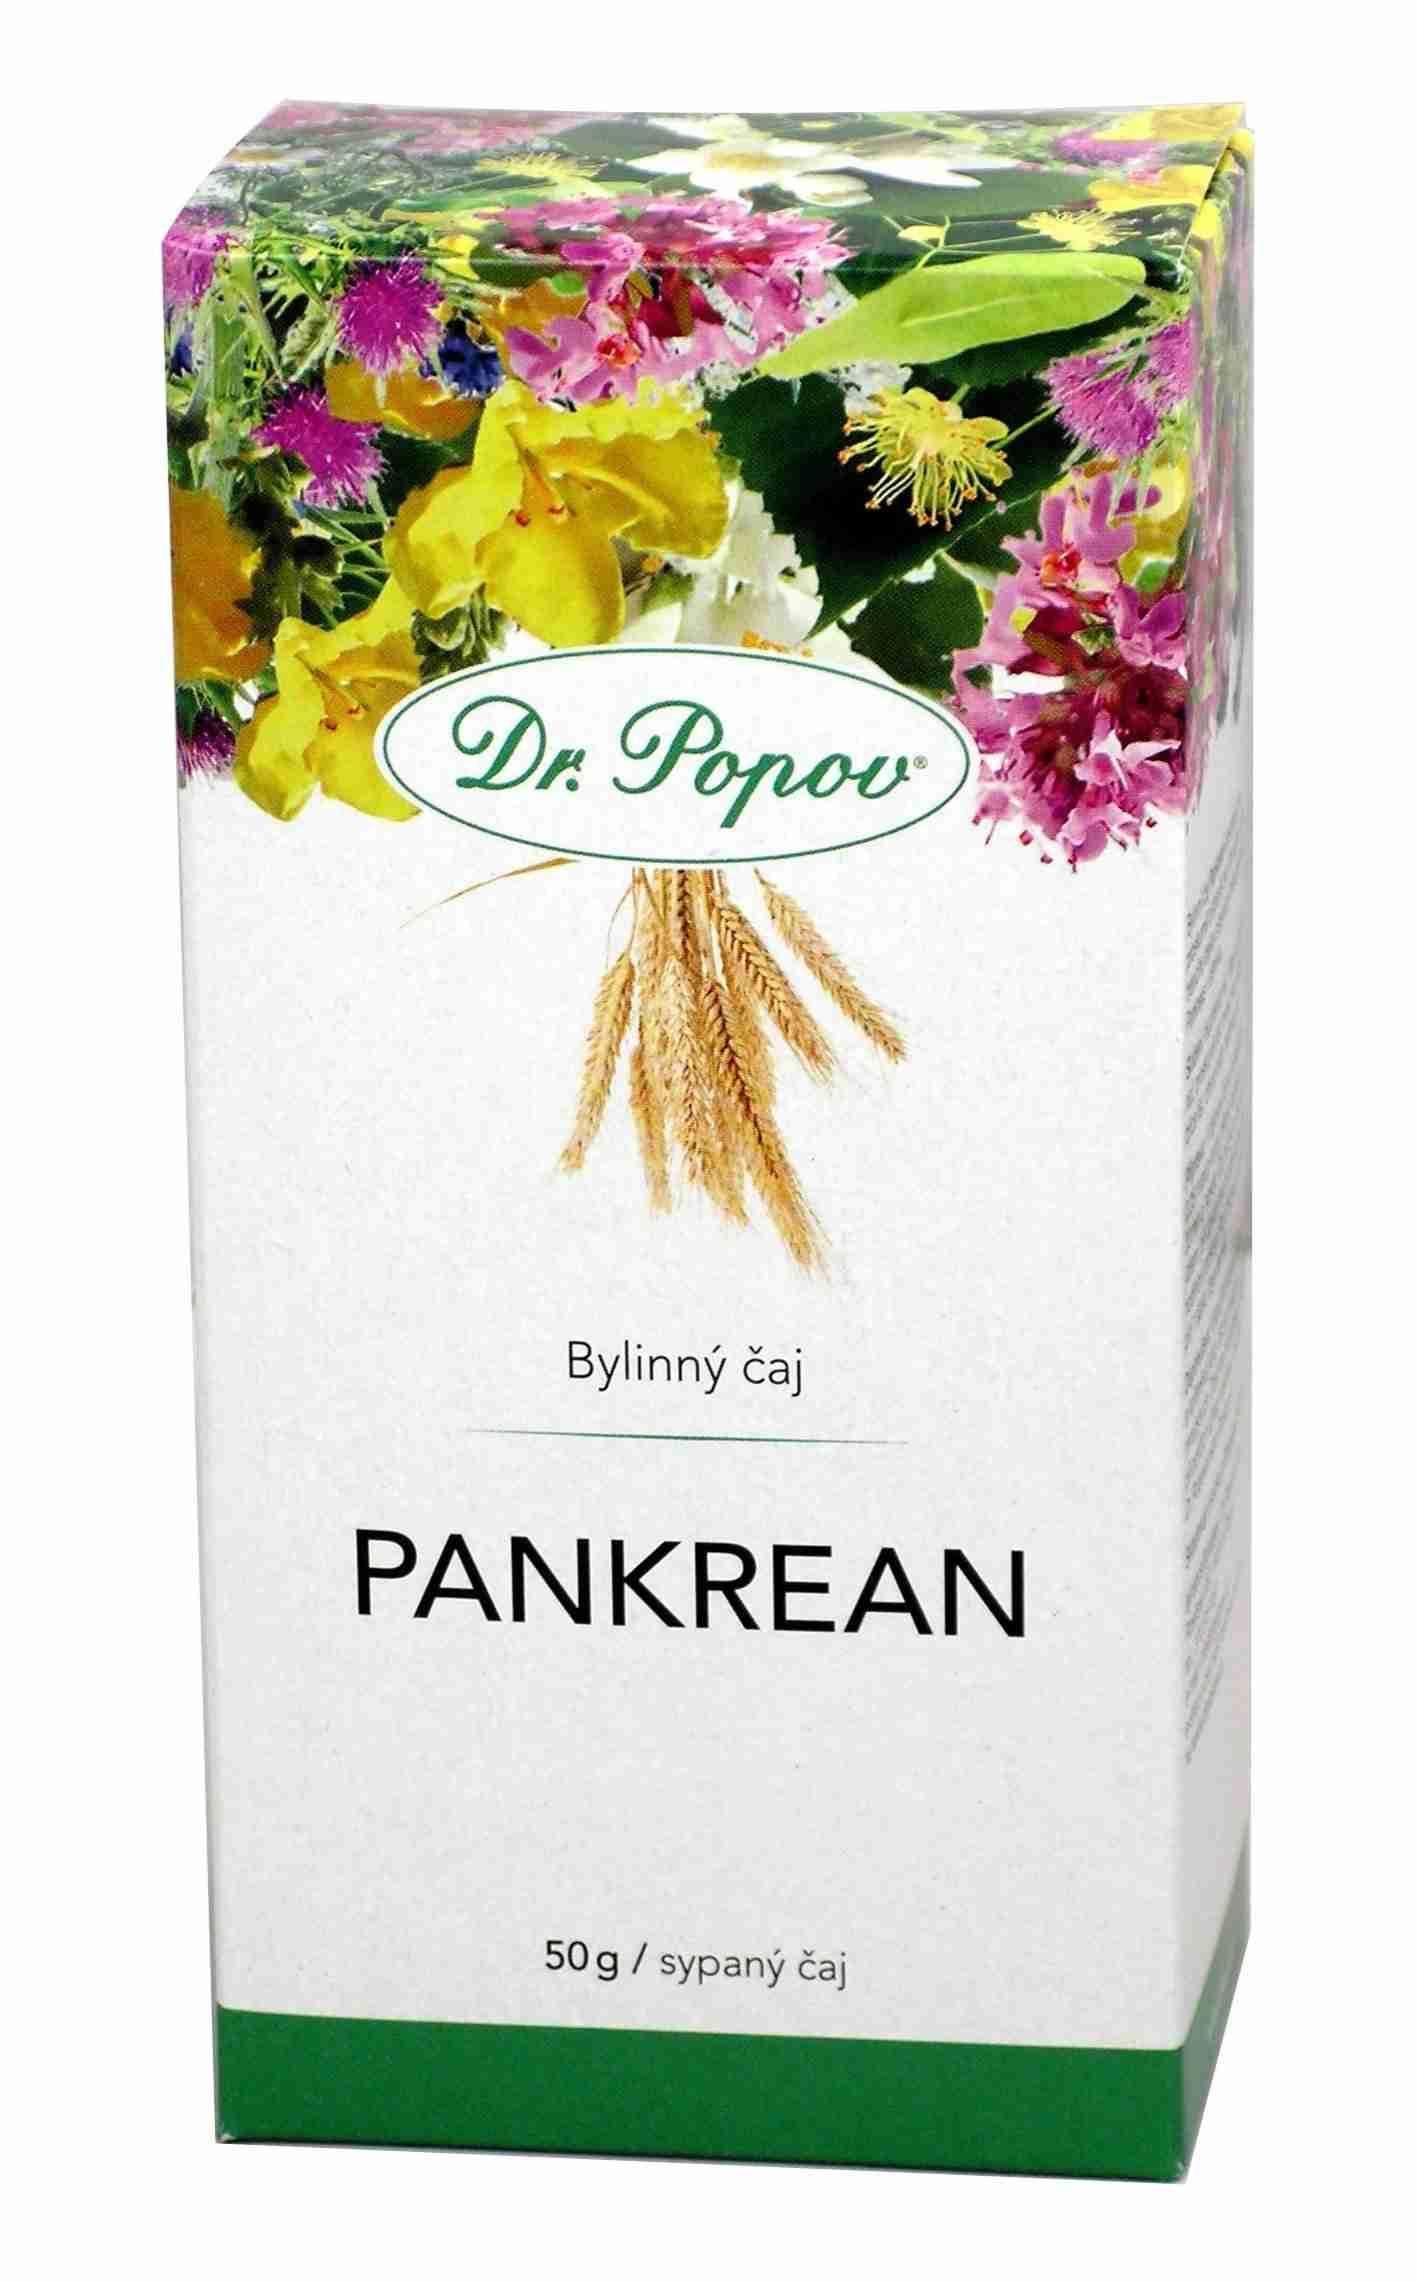 Dr. Popov Pankrean sypaný 50 g